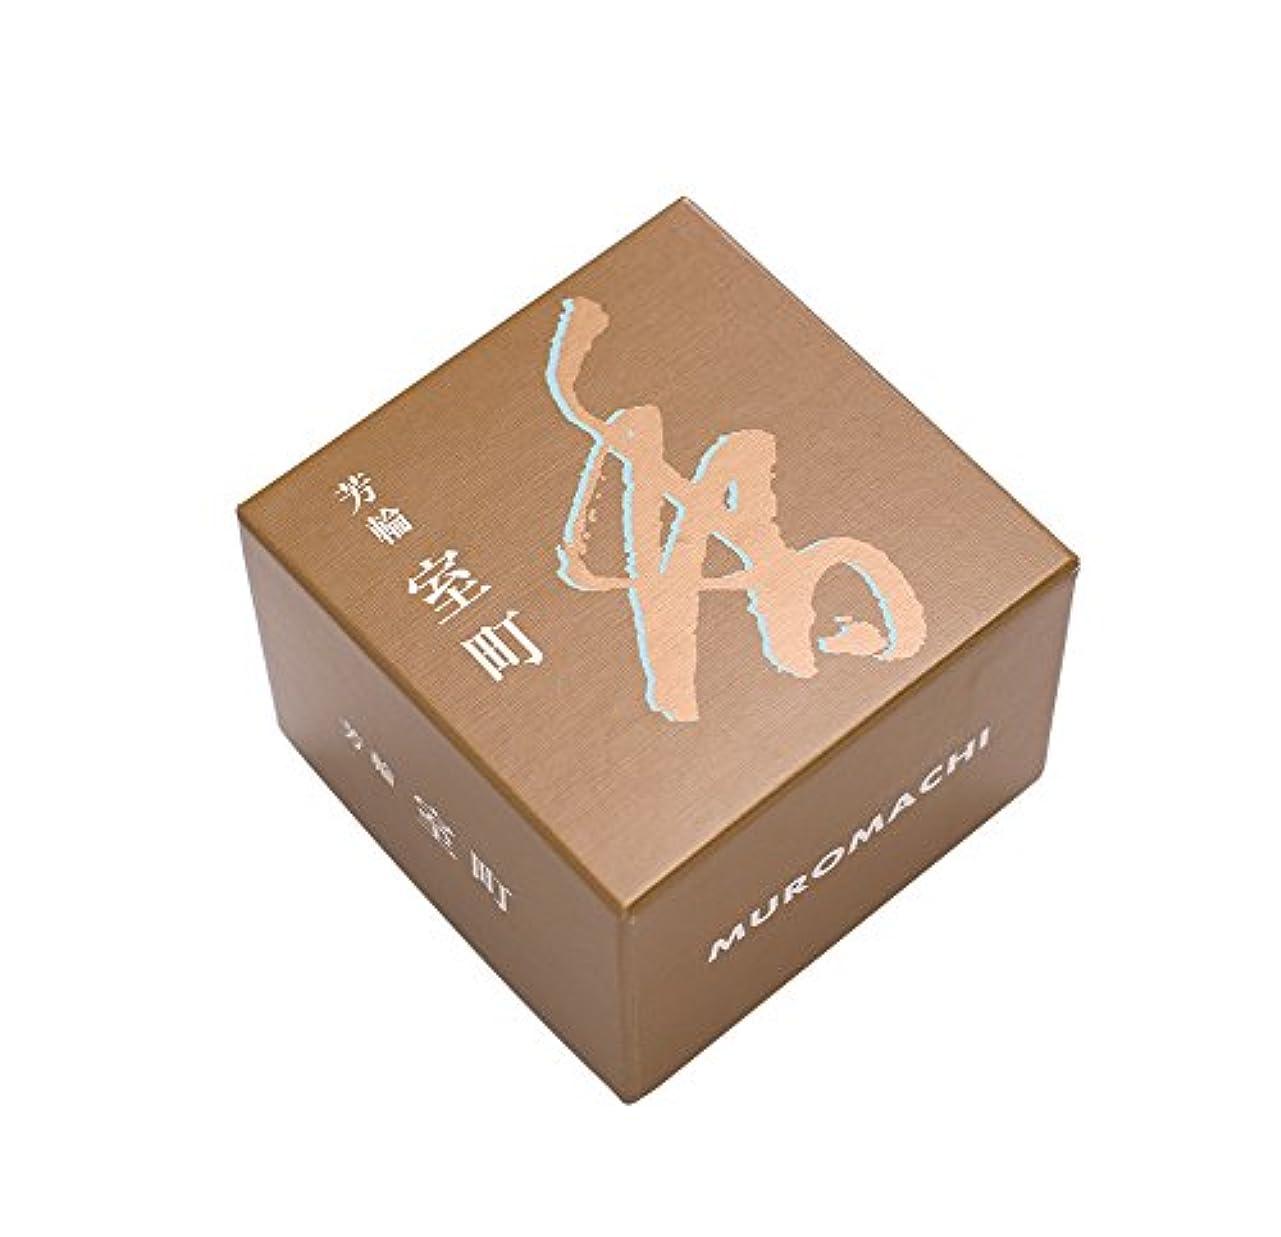 基準洗練された理想的には松栄堂のお香 芳輪室町 渦巻型10枚入 うてな角型付 #210421